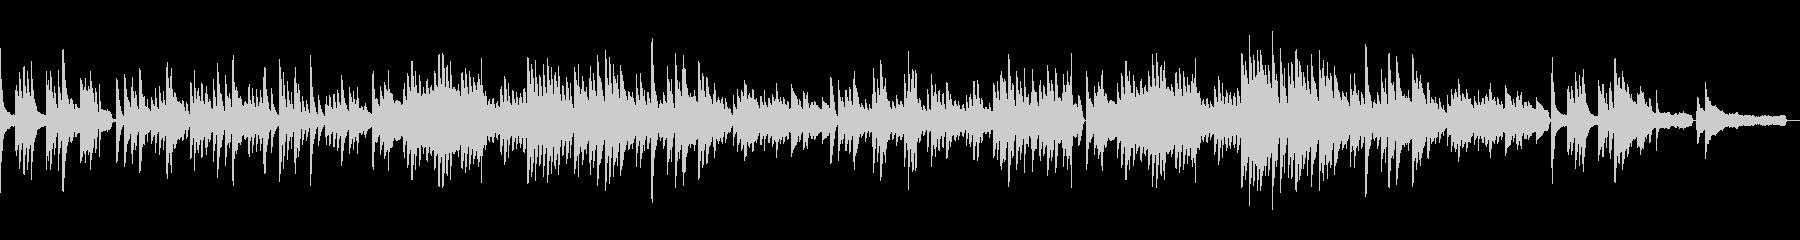 ピアノでオシャレに 別れの曲・ショパン3の未再生の波形